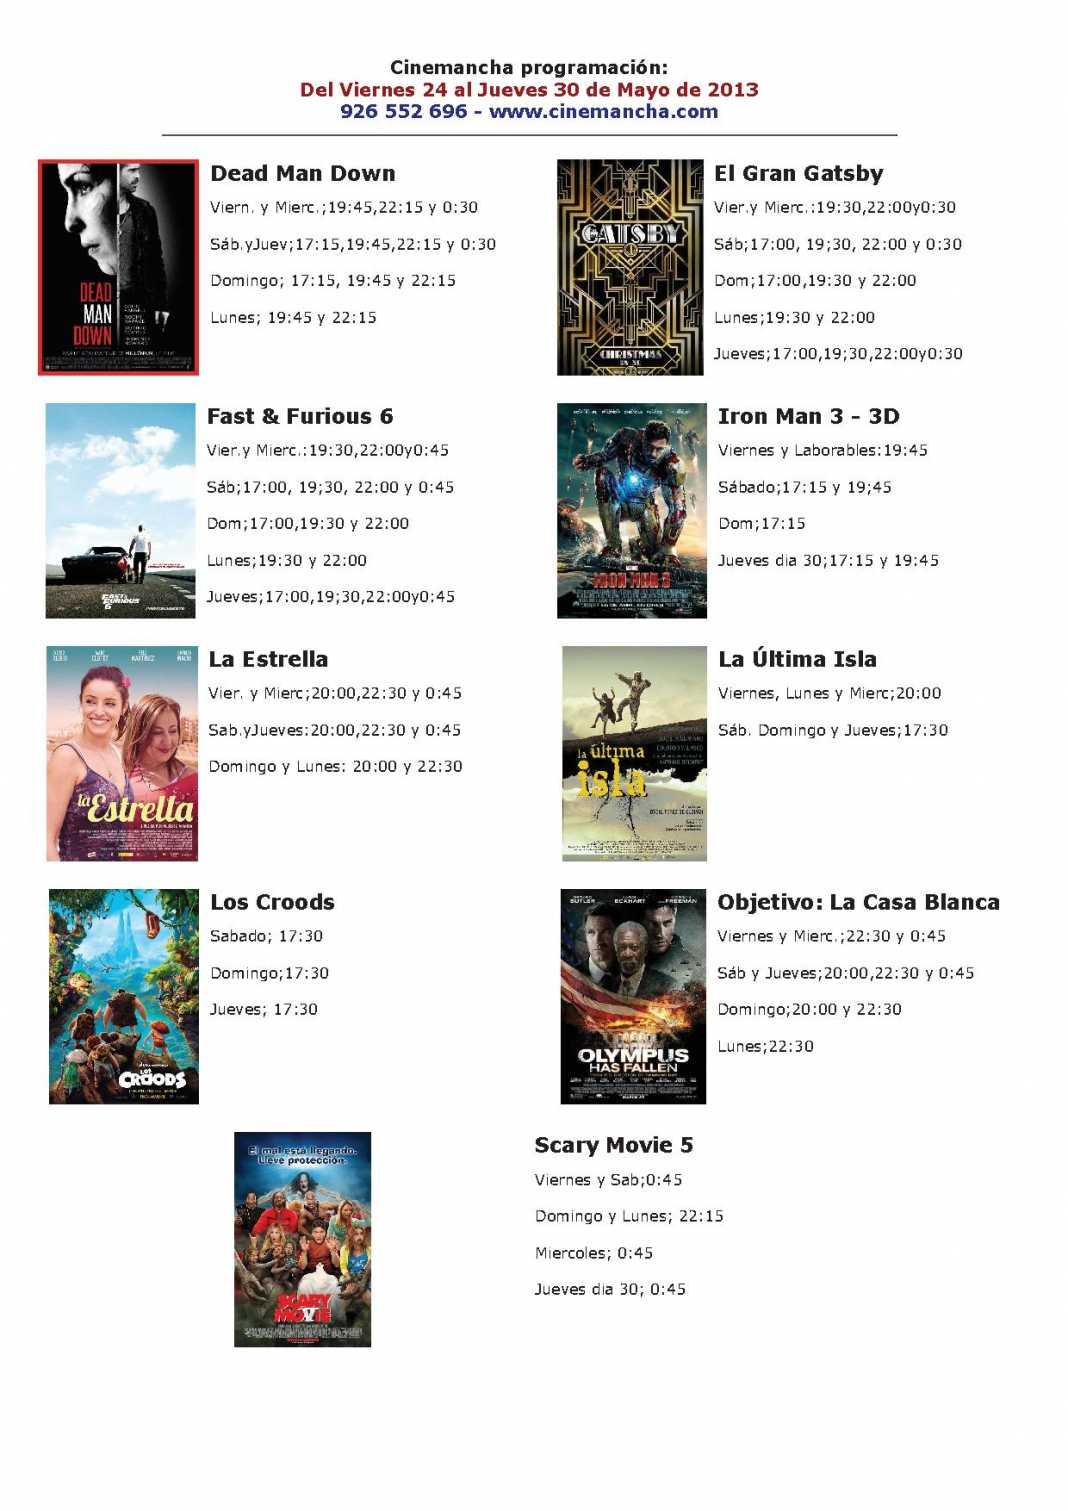 cartelera de cinemancha del 24 al 30 de mayo 1068x1511 - Programación Cinemancha del viernes 24 al jueves 30 de mayo